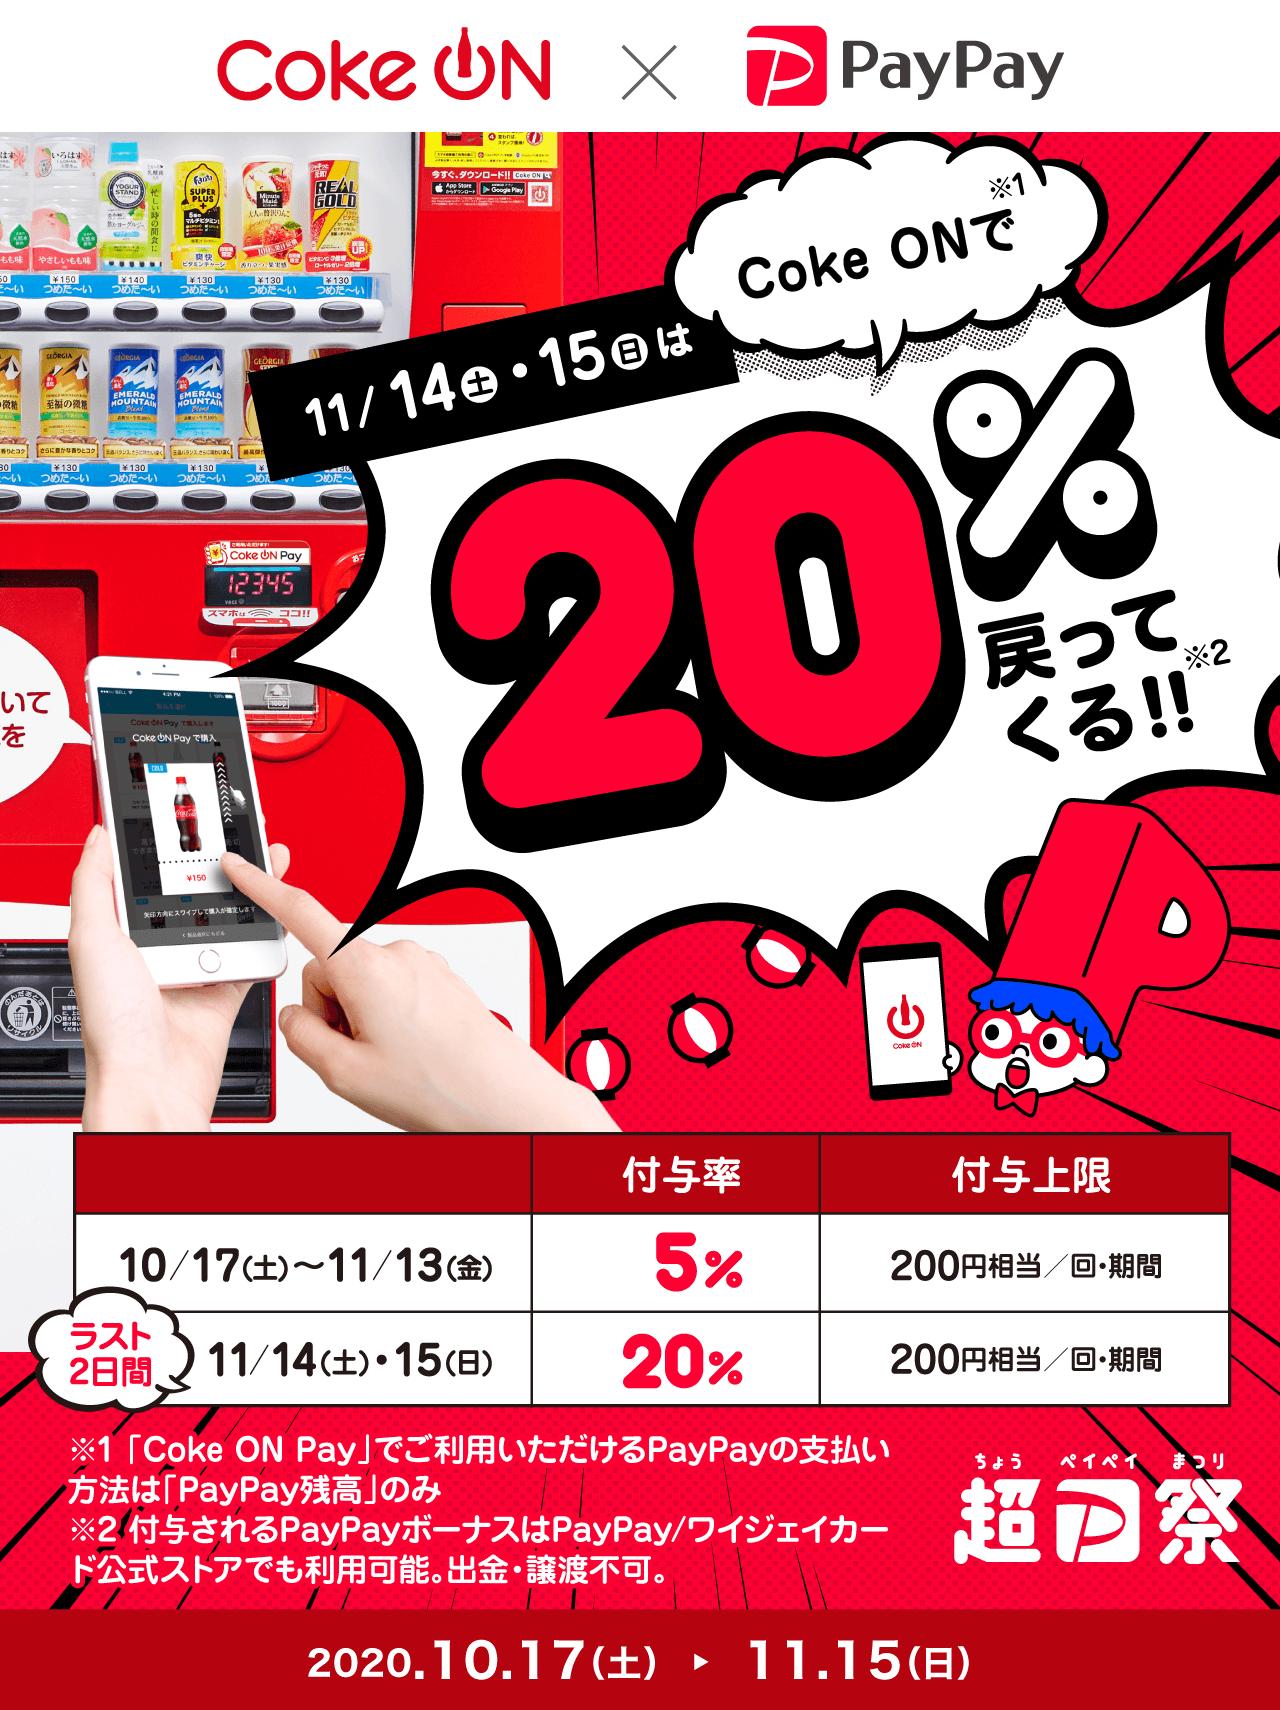 11/14(土)・15(日)はCoke ONで20%戻ってくる!!